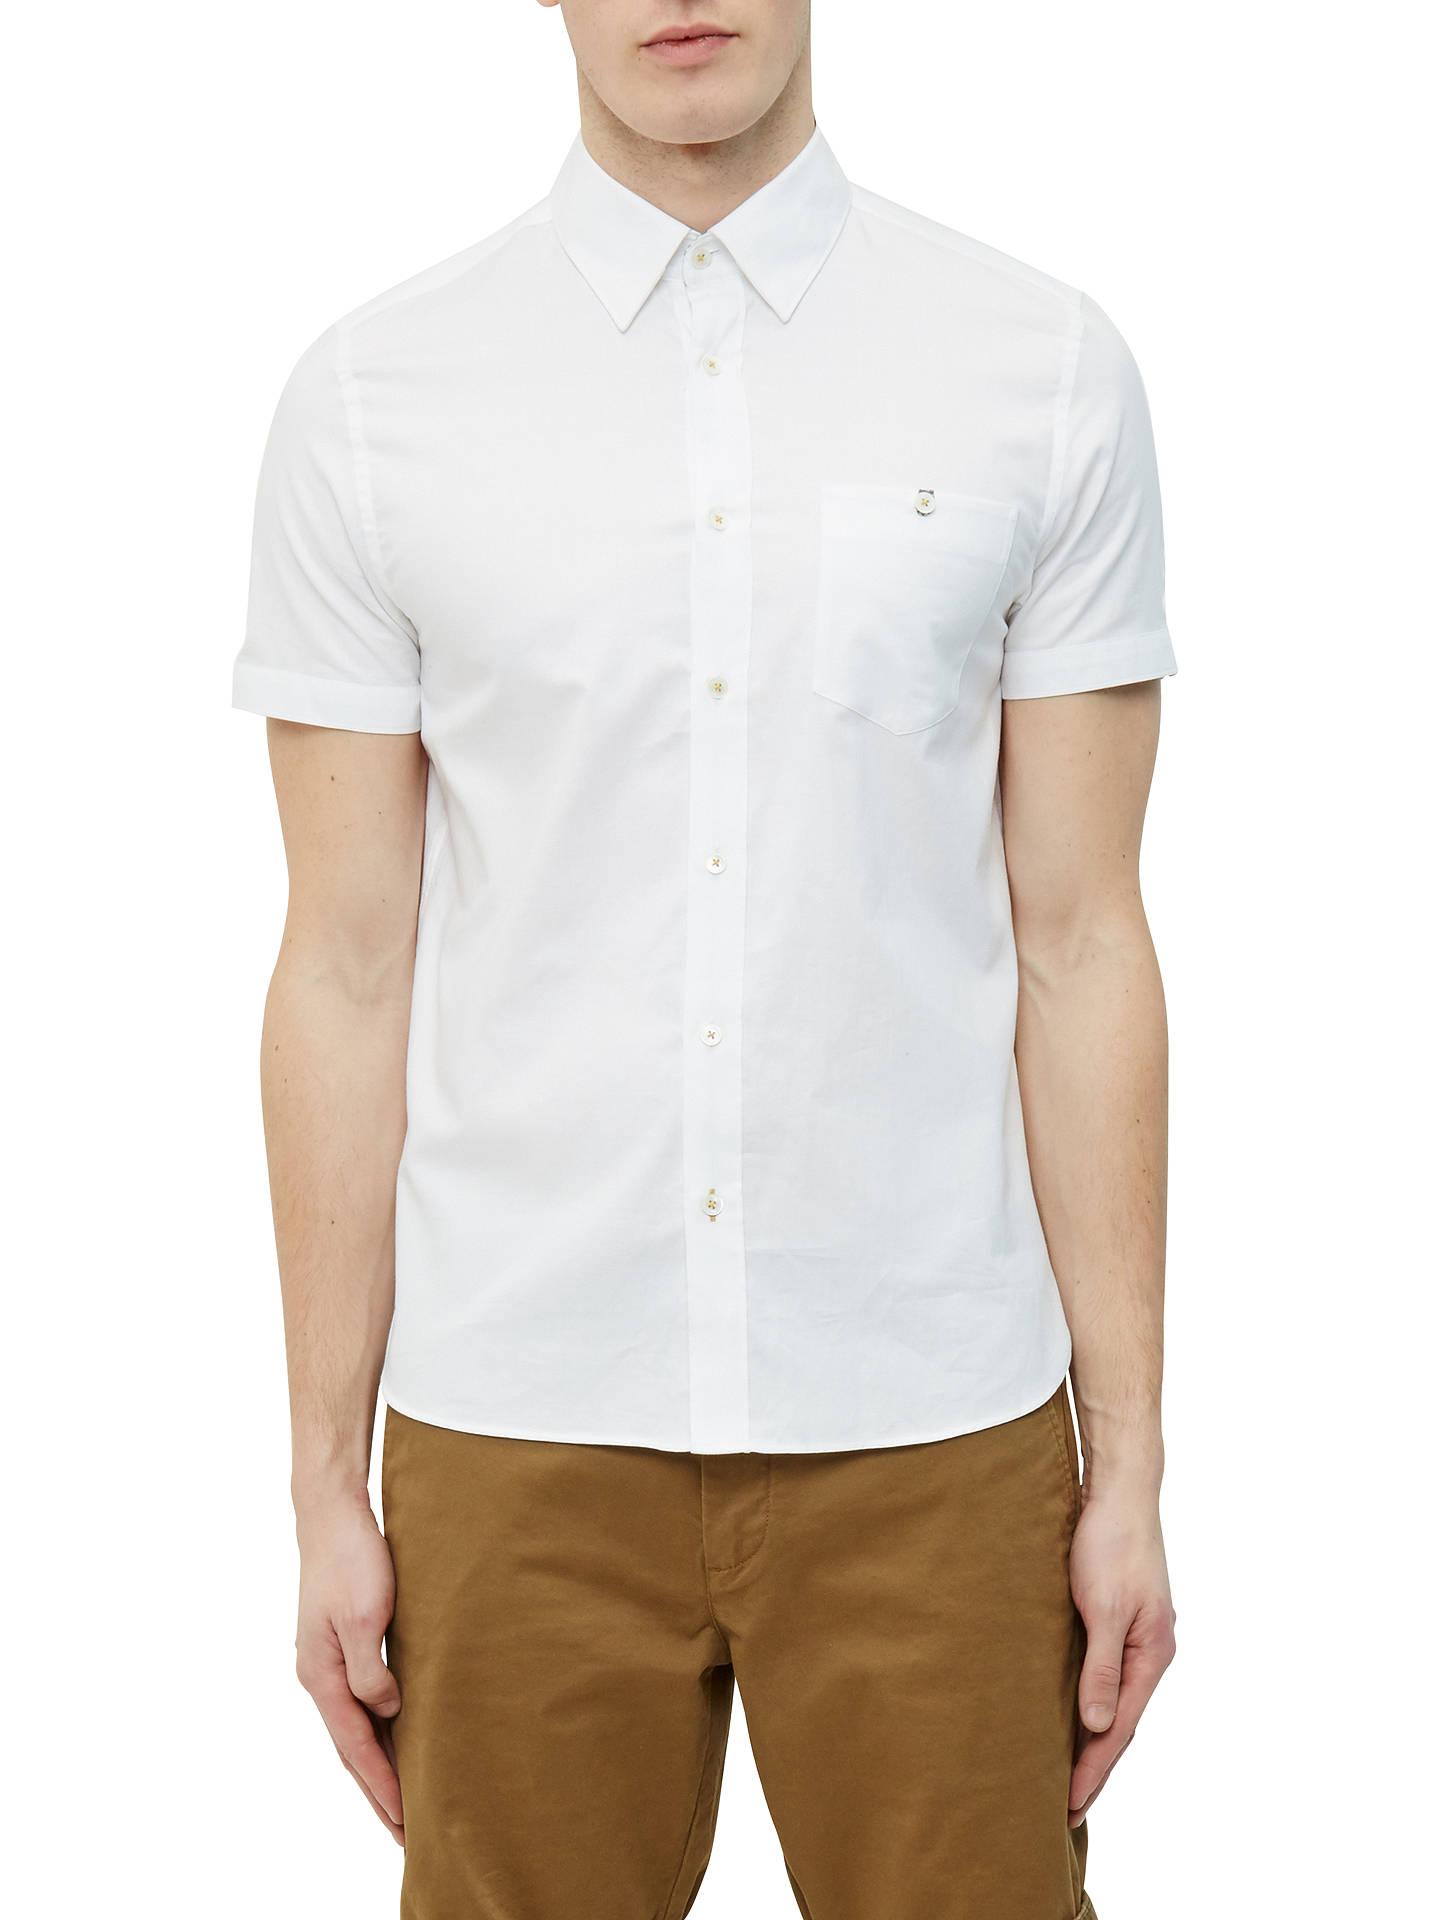 12355e4a035a77 Ted Baker Wooey Textured Cotton Short Sleeve Shirt at John Lewis ...